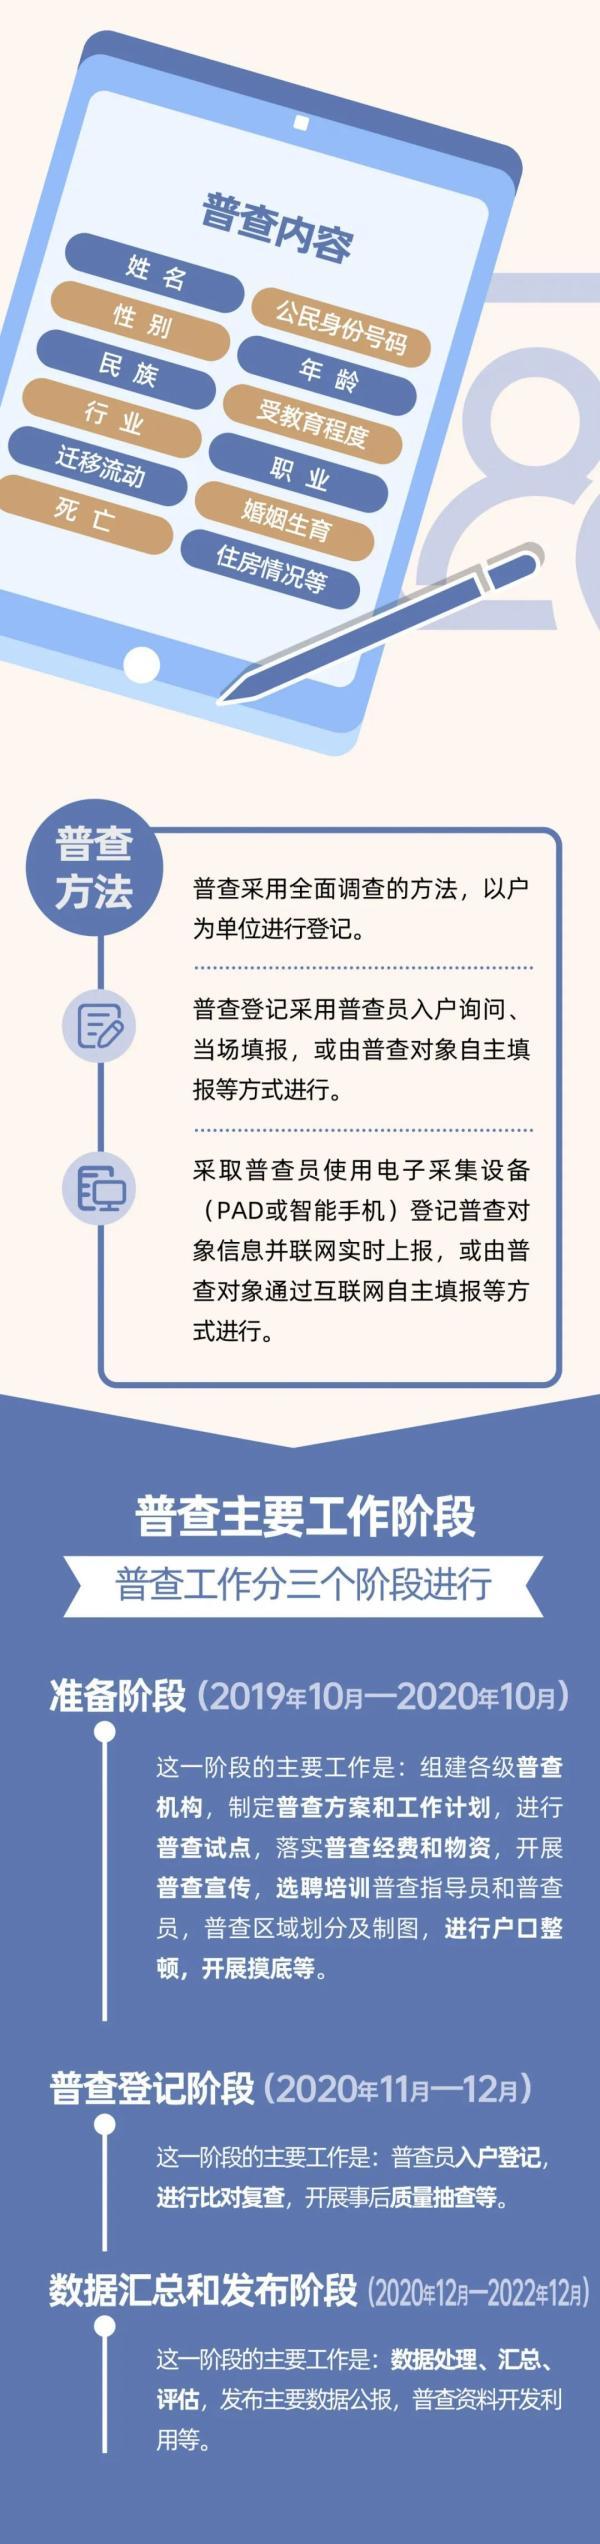 云南省第七次全国人口普查将于11月1日零点开始